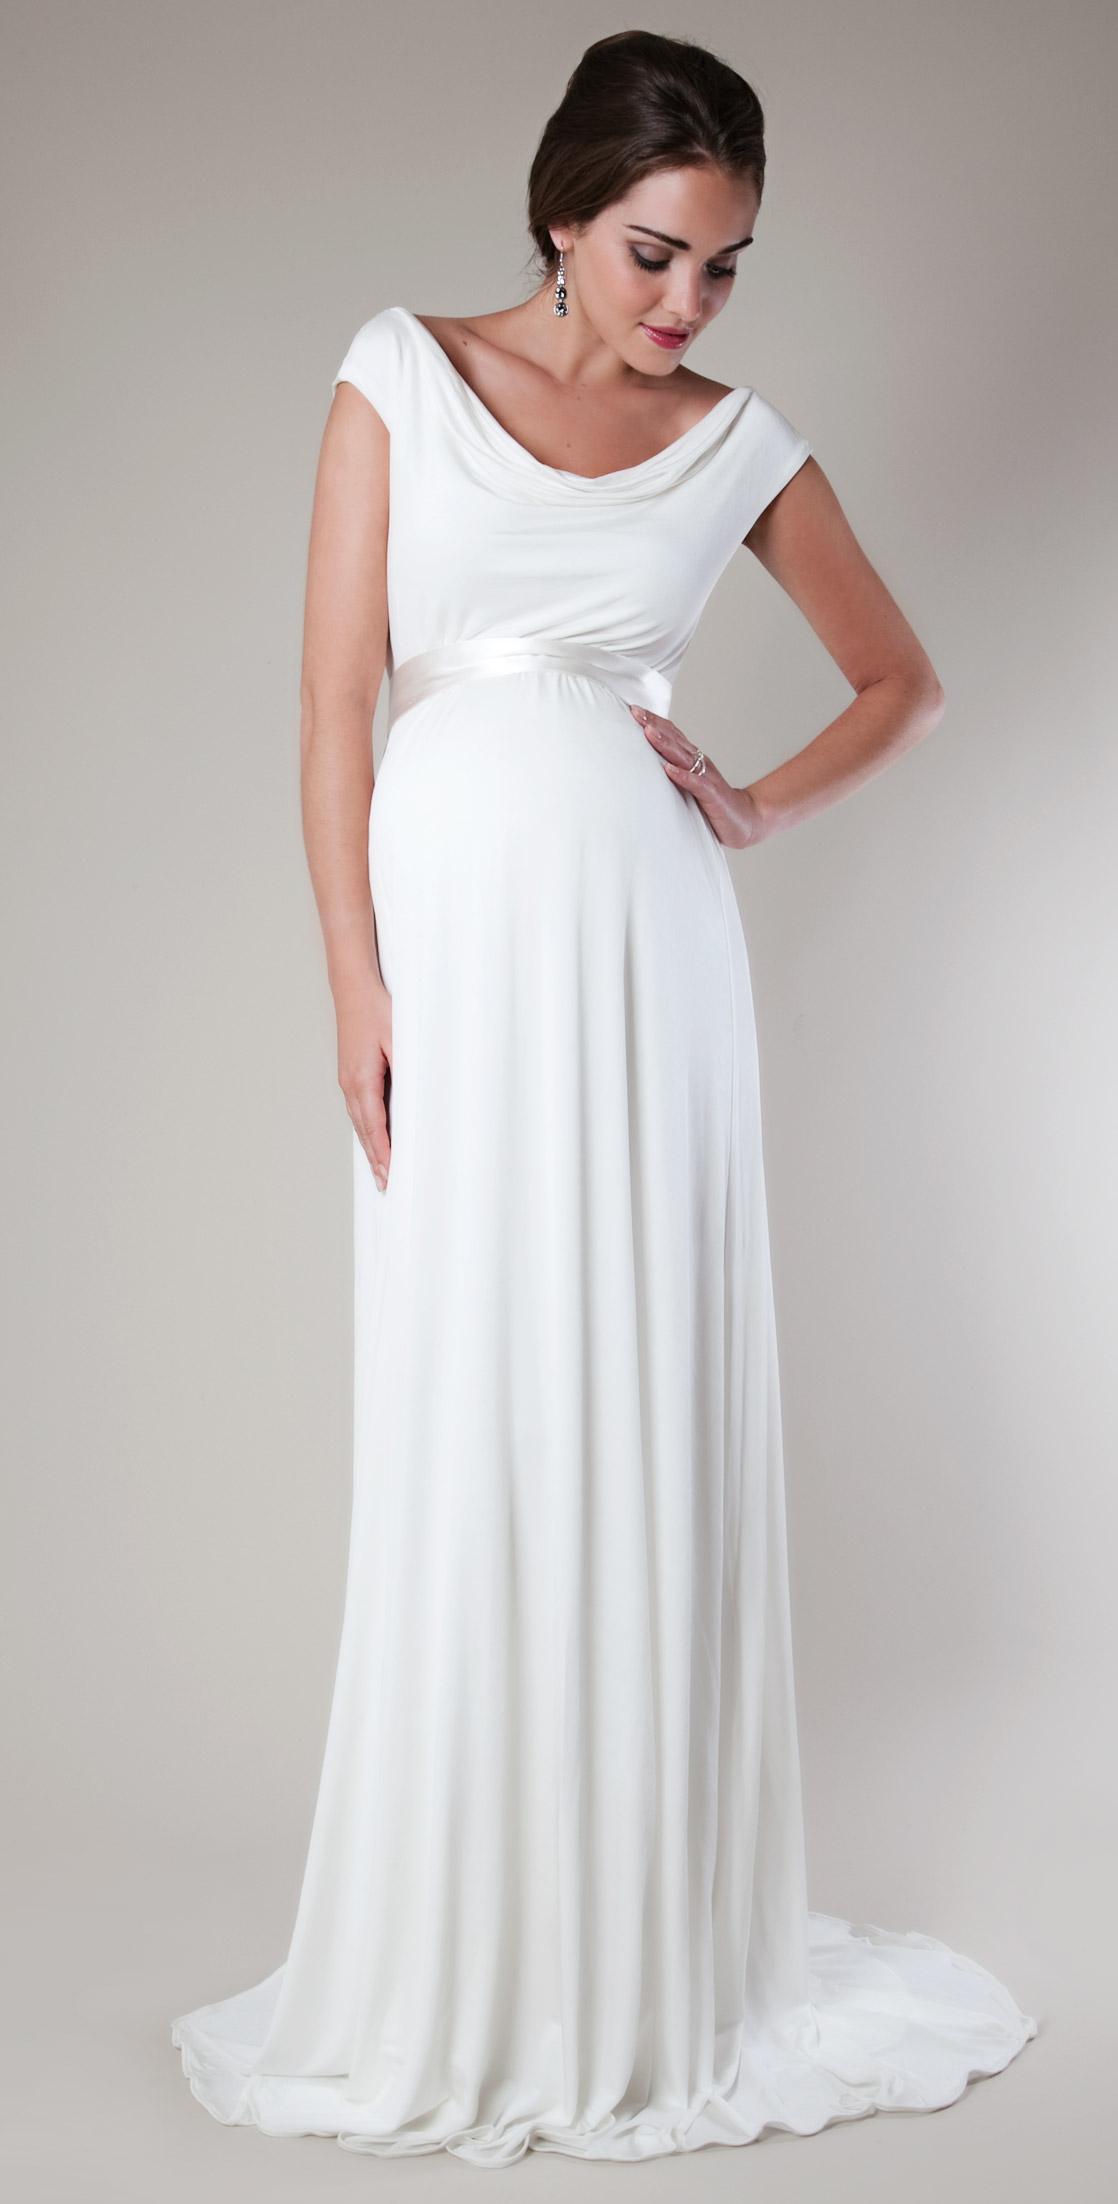 0a98a907 suknia ślubna Tiffany Rose z trenem - Suknie ślubne dla kobiet w ...